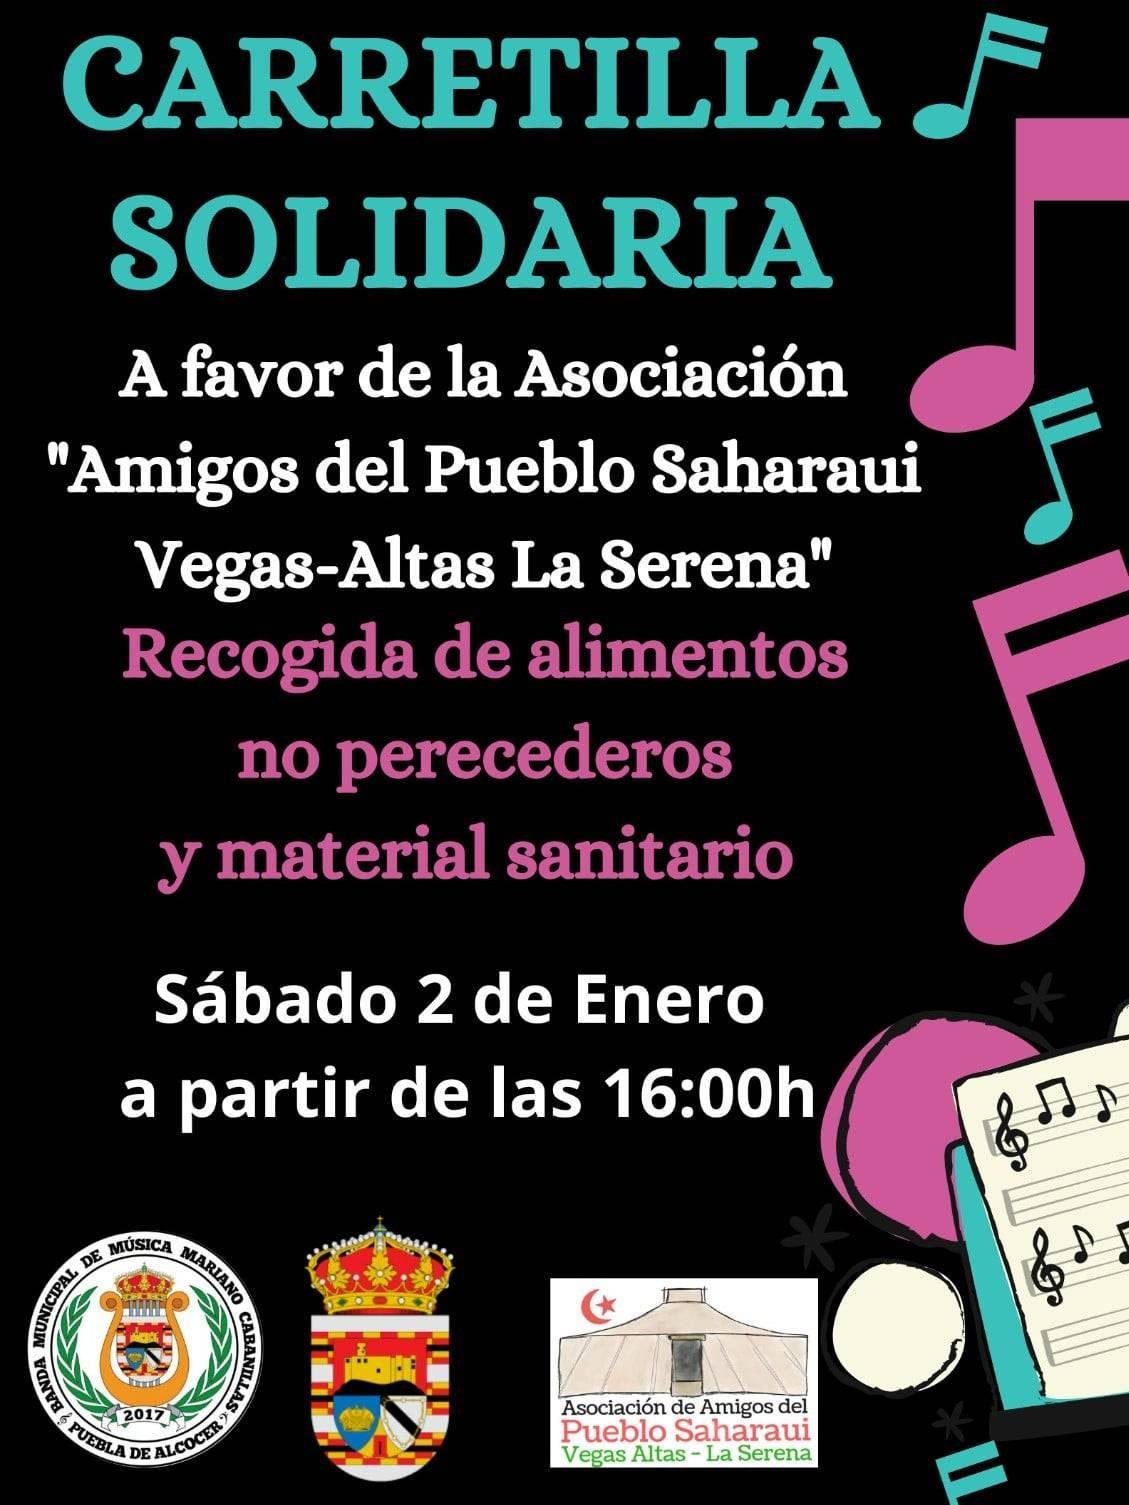 Carretilla solidaria (2021) - Puebla de Alcocer (Badajoz) 1